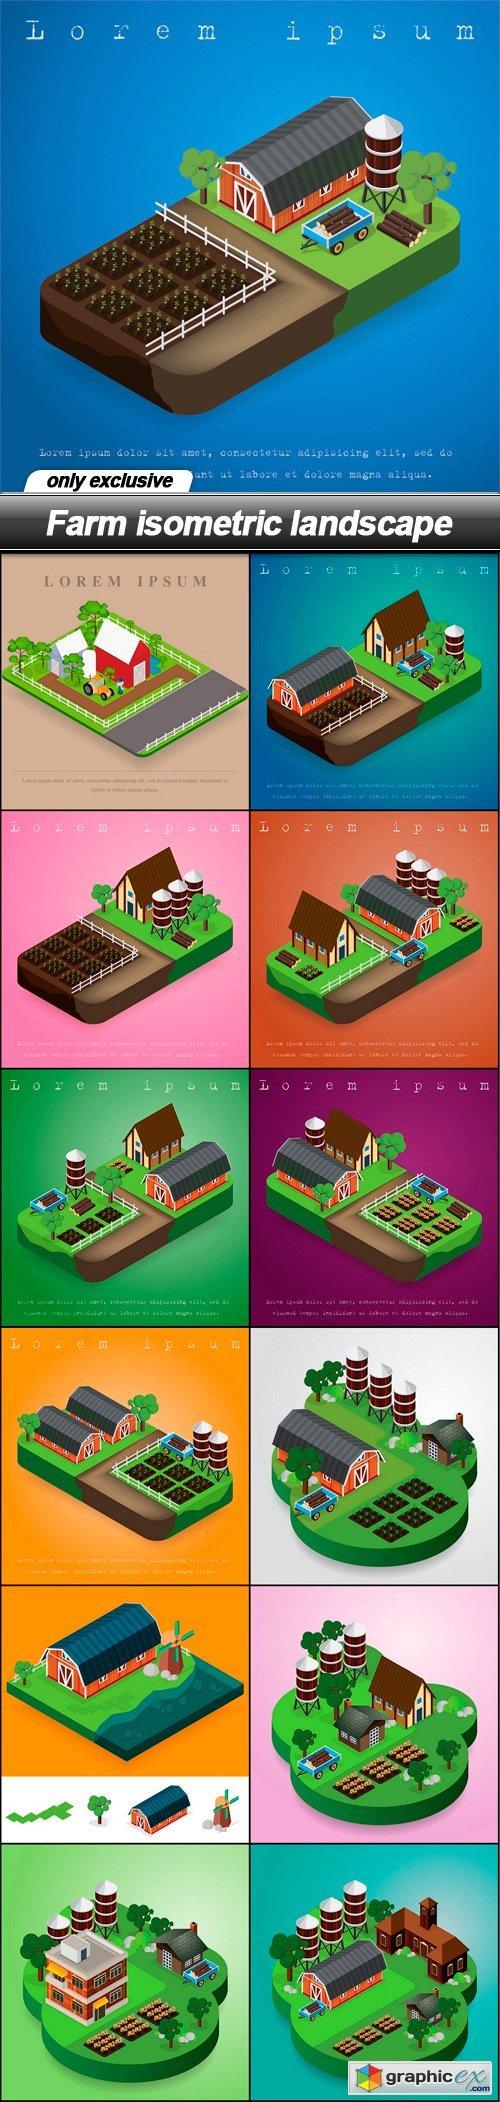 Farm isometric landscape - 13 EPS